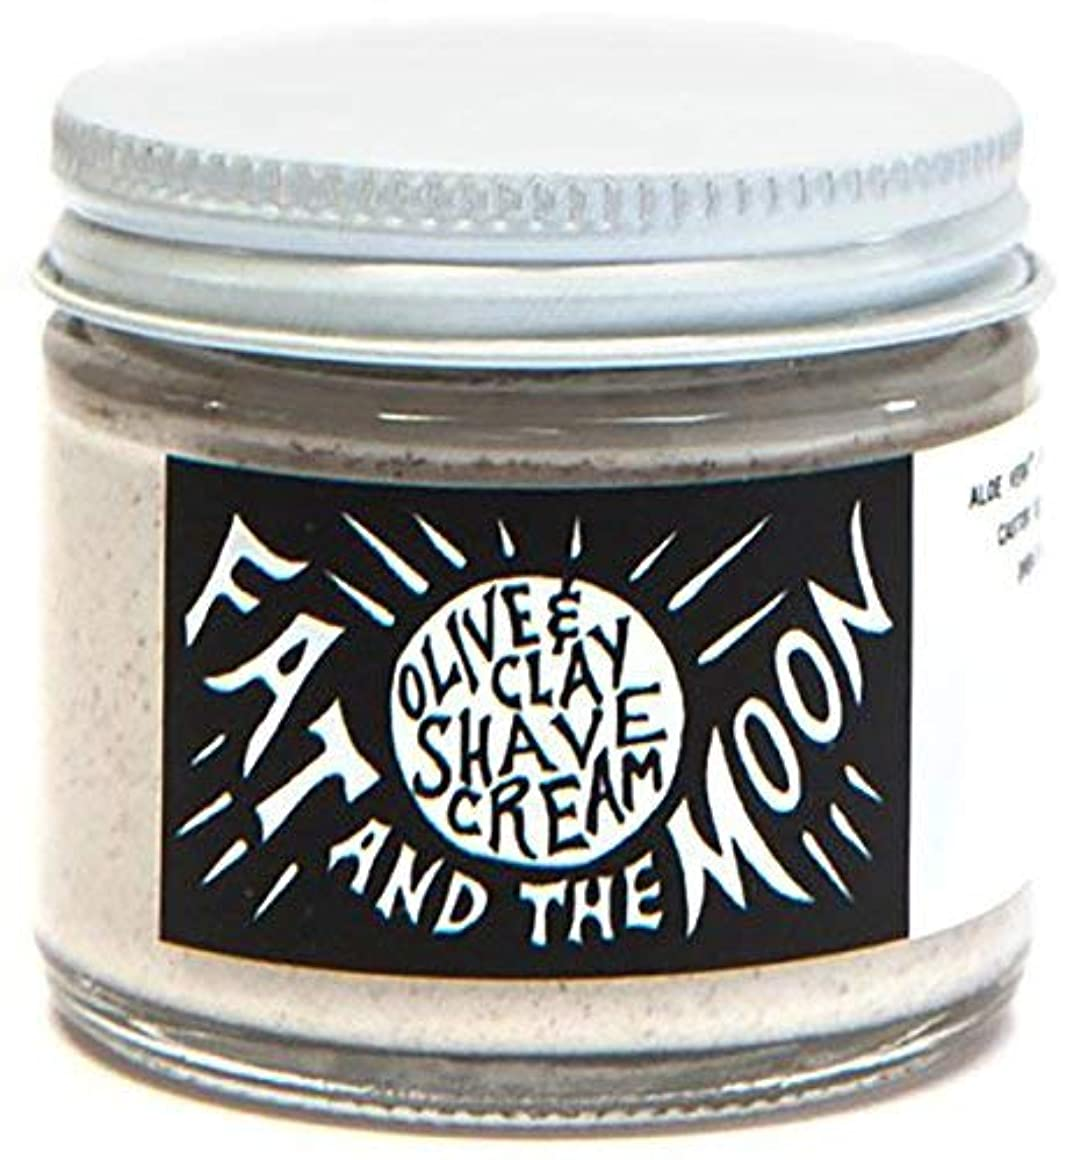 アボート申し込む評判Fat and The Moon - All Natural Olive & Clay Shave Cream (2 fl oz) [並行輸入品]